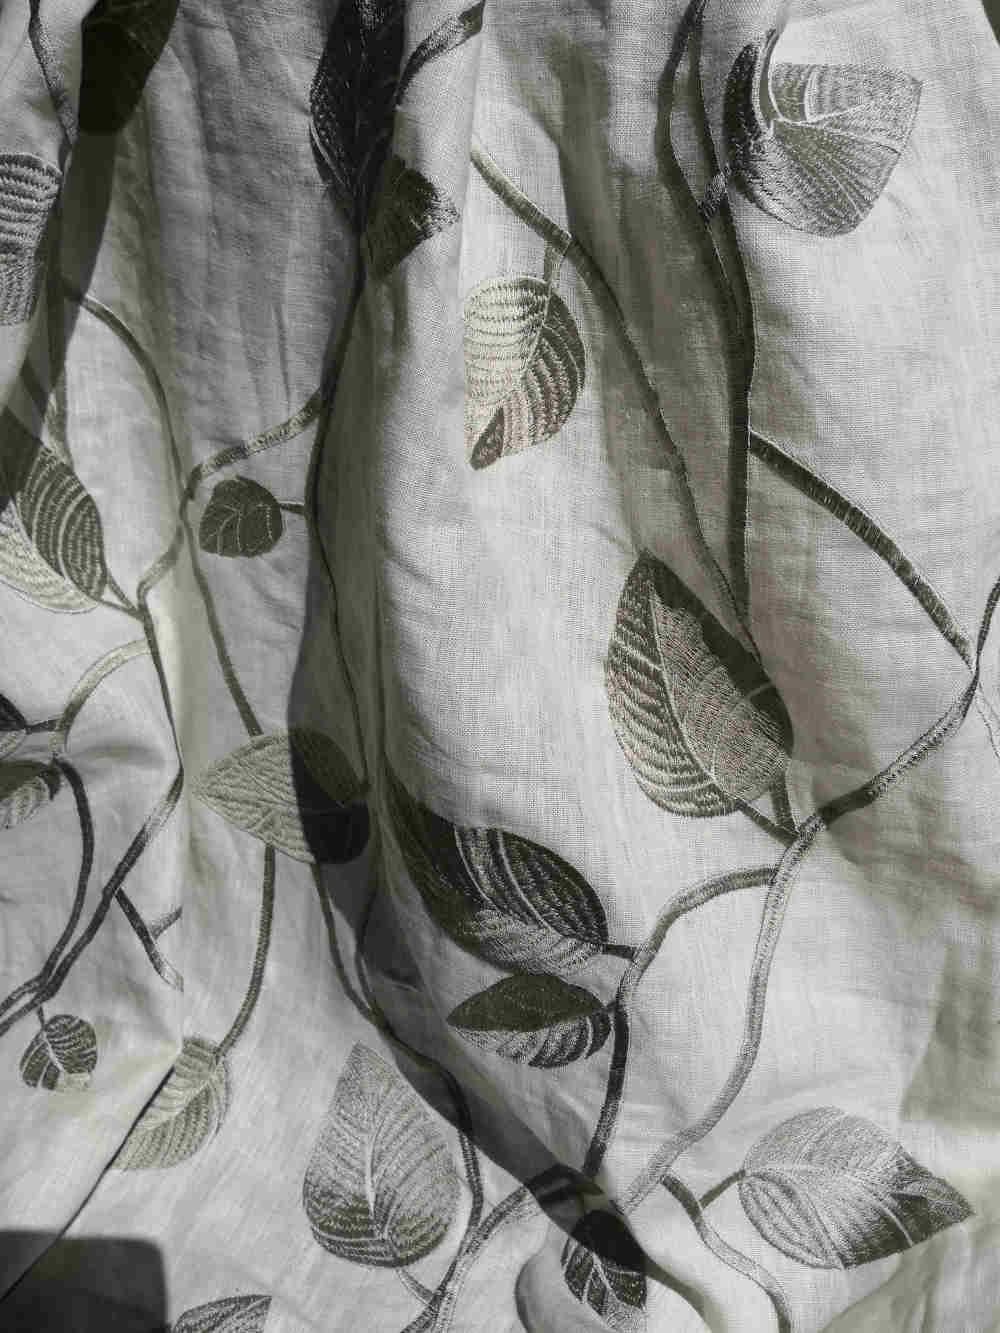 73.31368 Eltville grey linen embroidert € 49.50